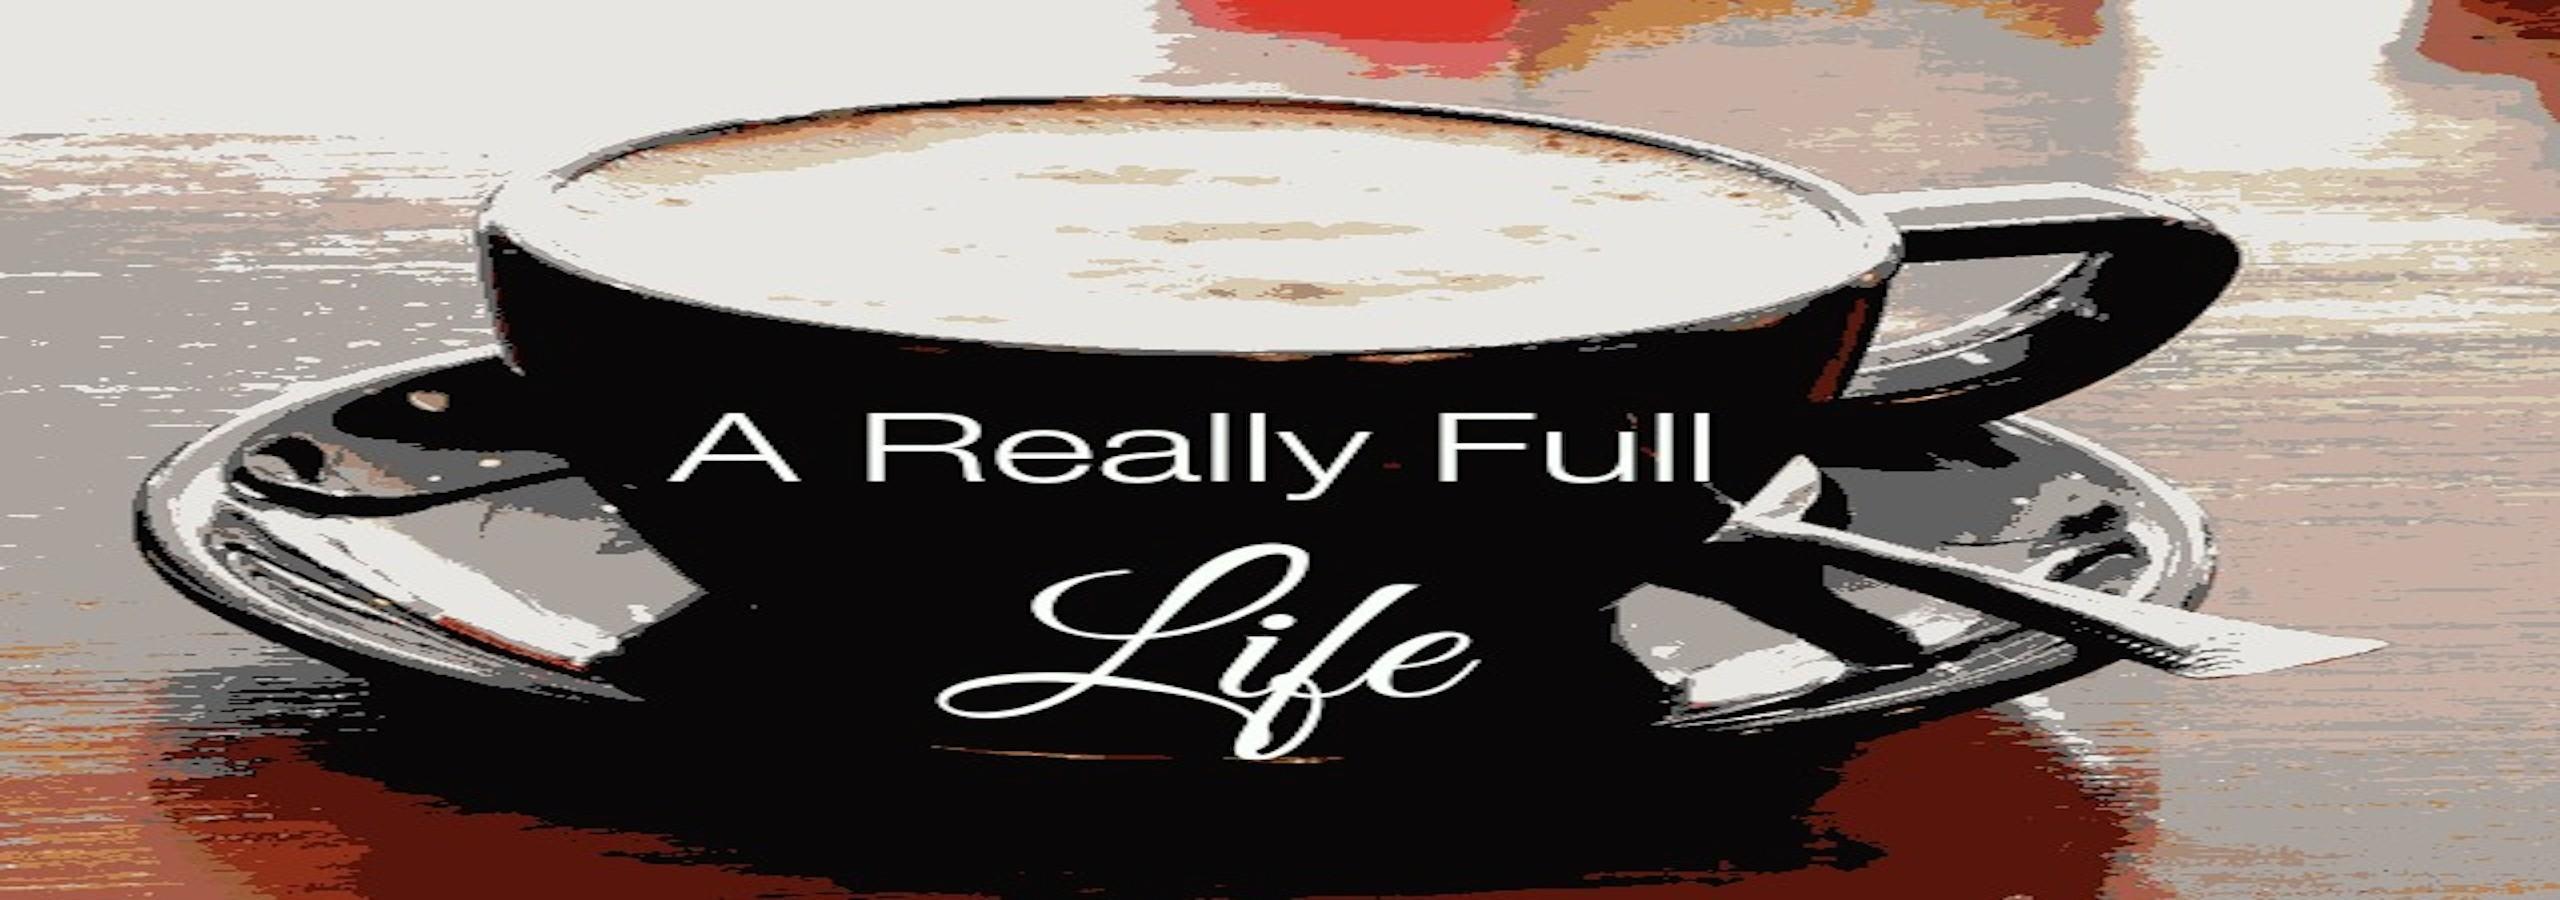 A Really Full Life